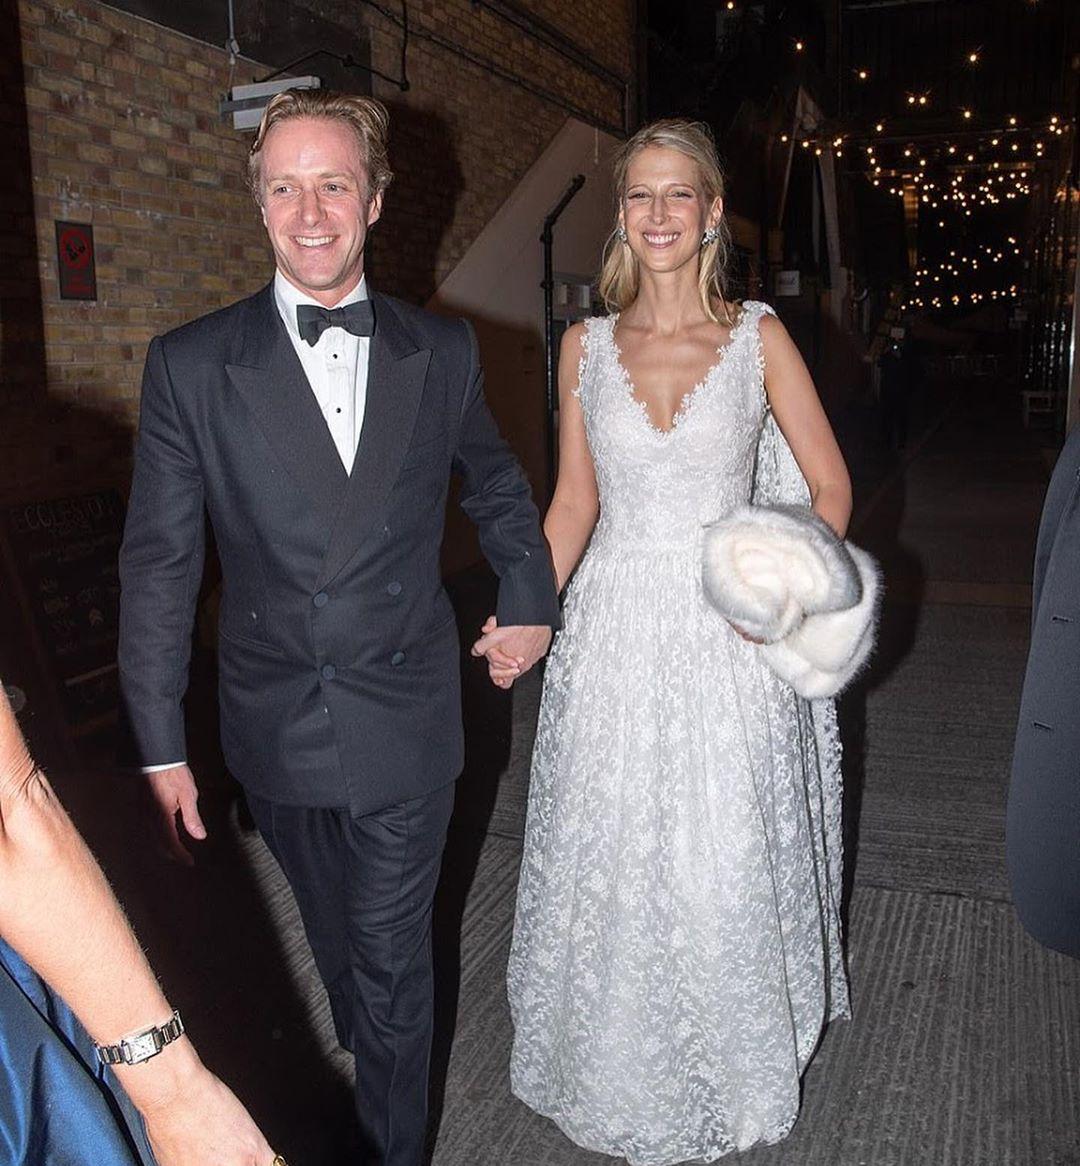 Královská svatba - Lady Gabriella Windsor a Thomas Kingston - Obrázek č. 31